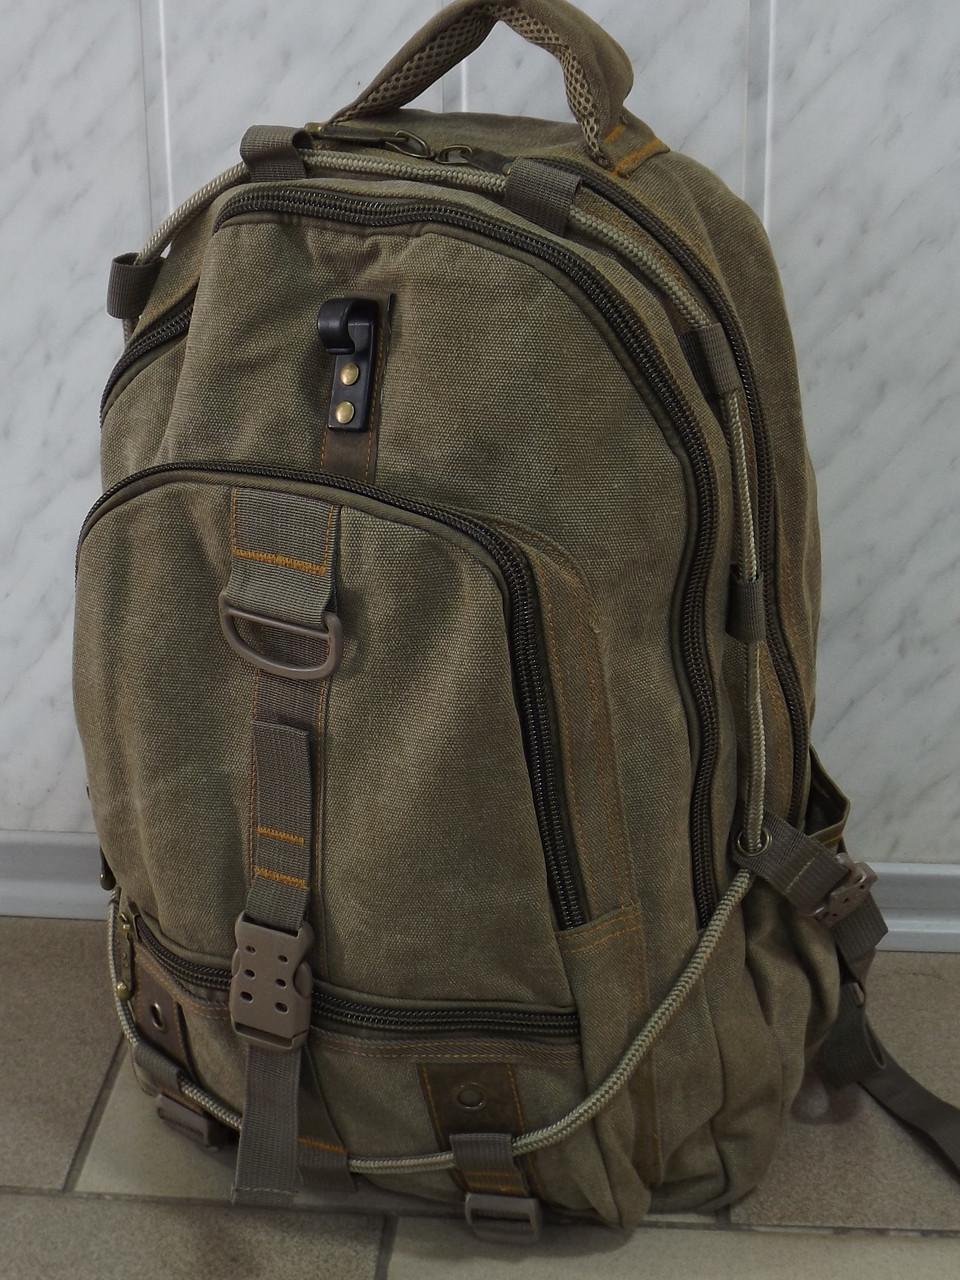 Рюкзаки хаки городские рюкзак с грудной стяжкой слалом 55 купить в москве недорого